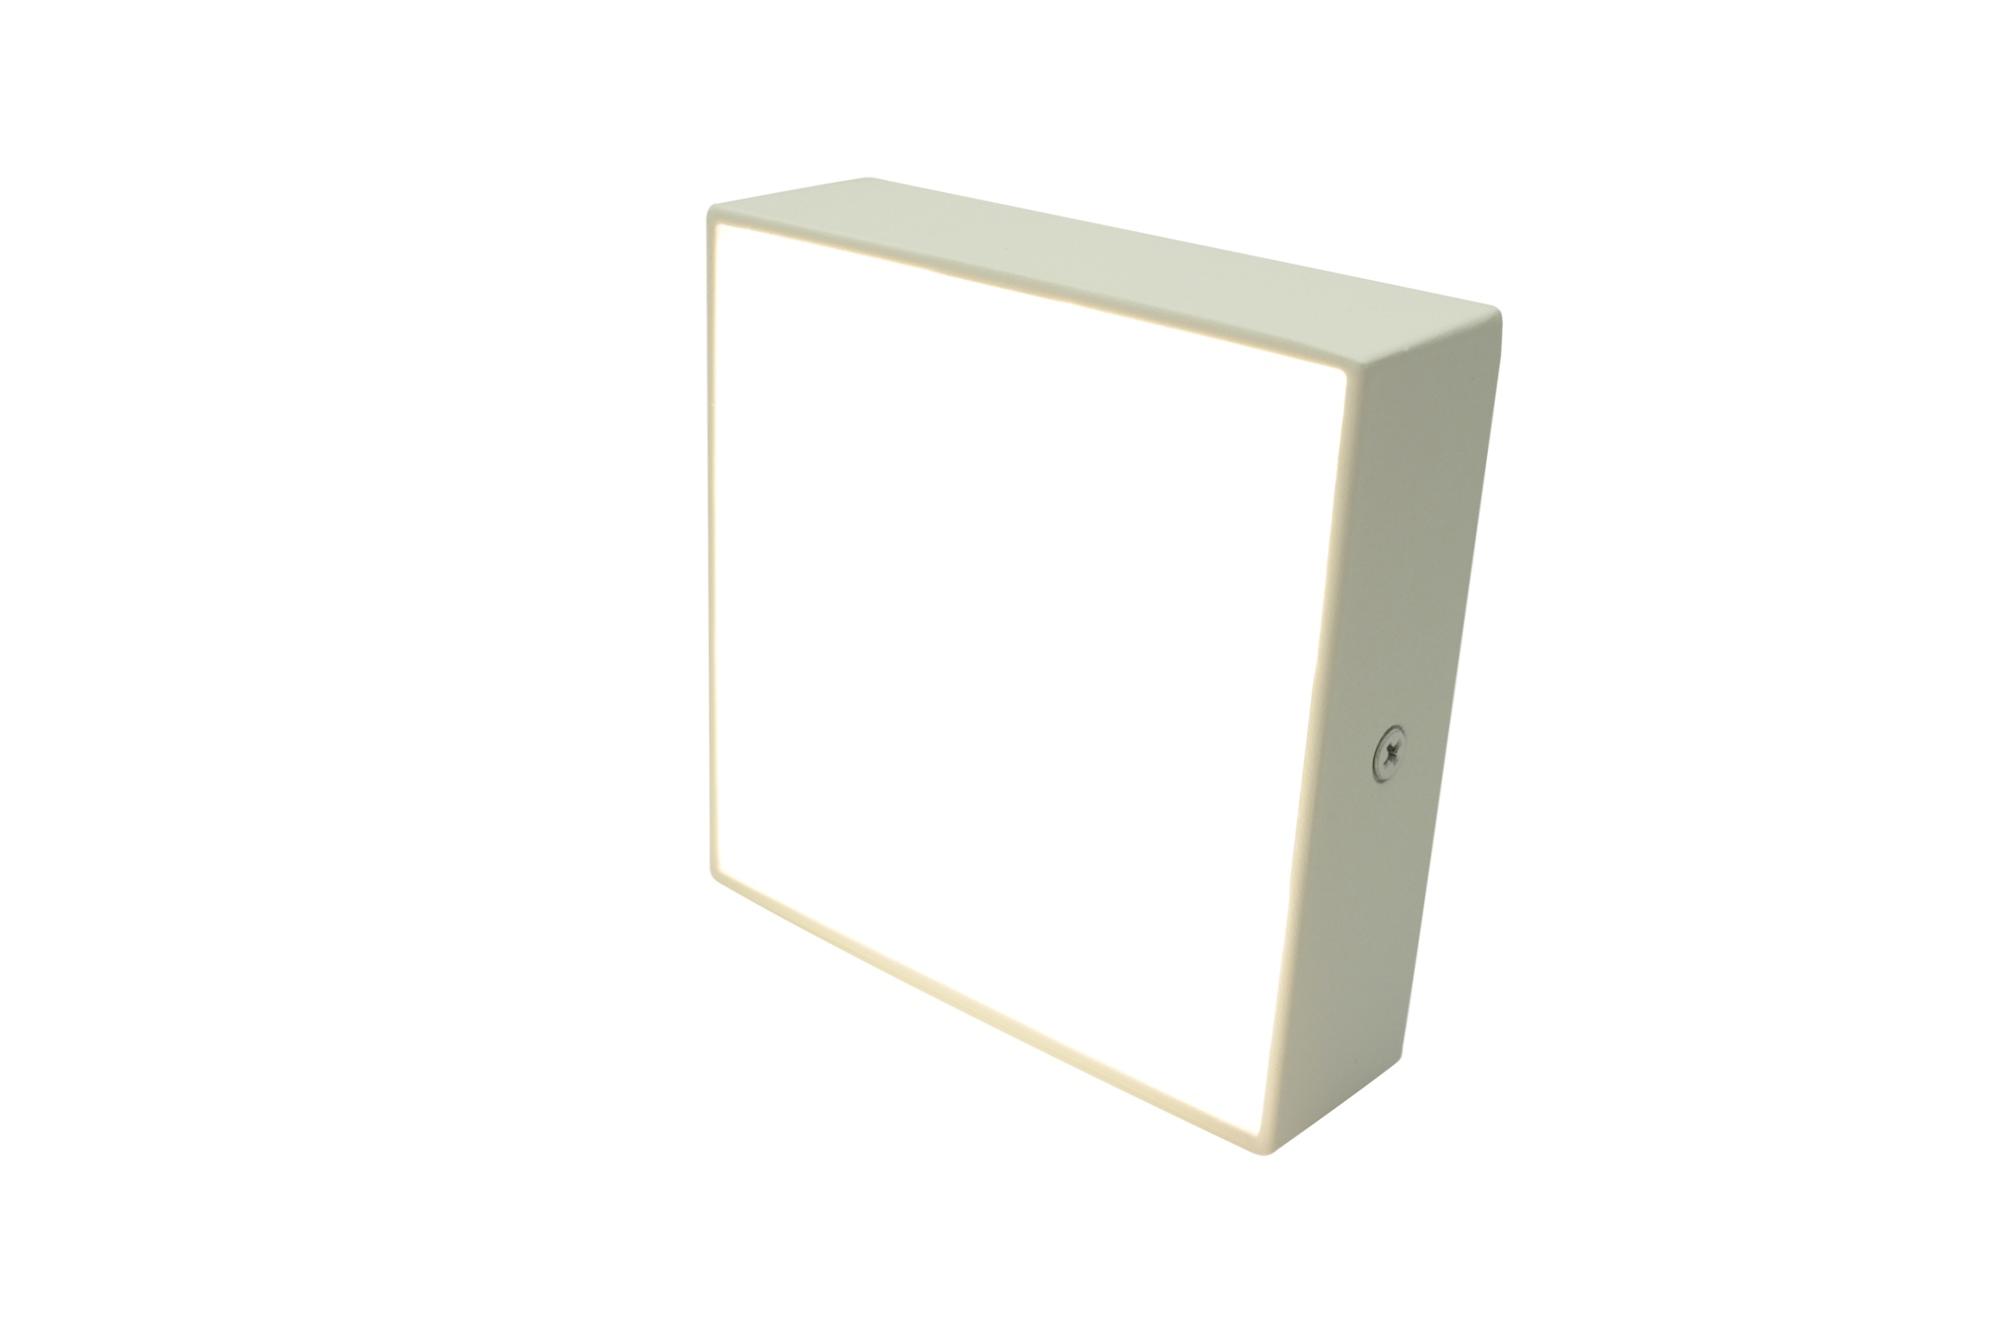 Lampenlux MINI Savona Deckenleuchte weiß LED Deckenlampe WW 120mm